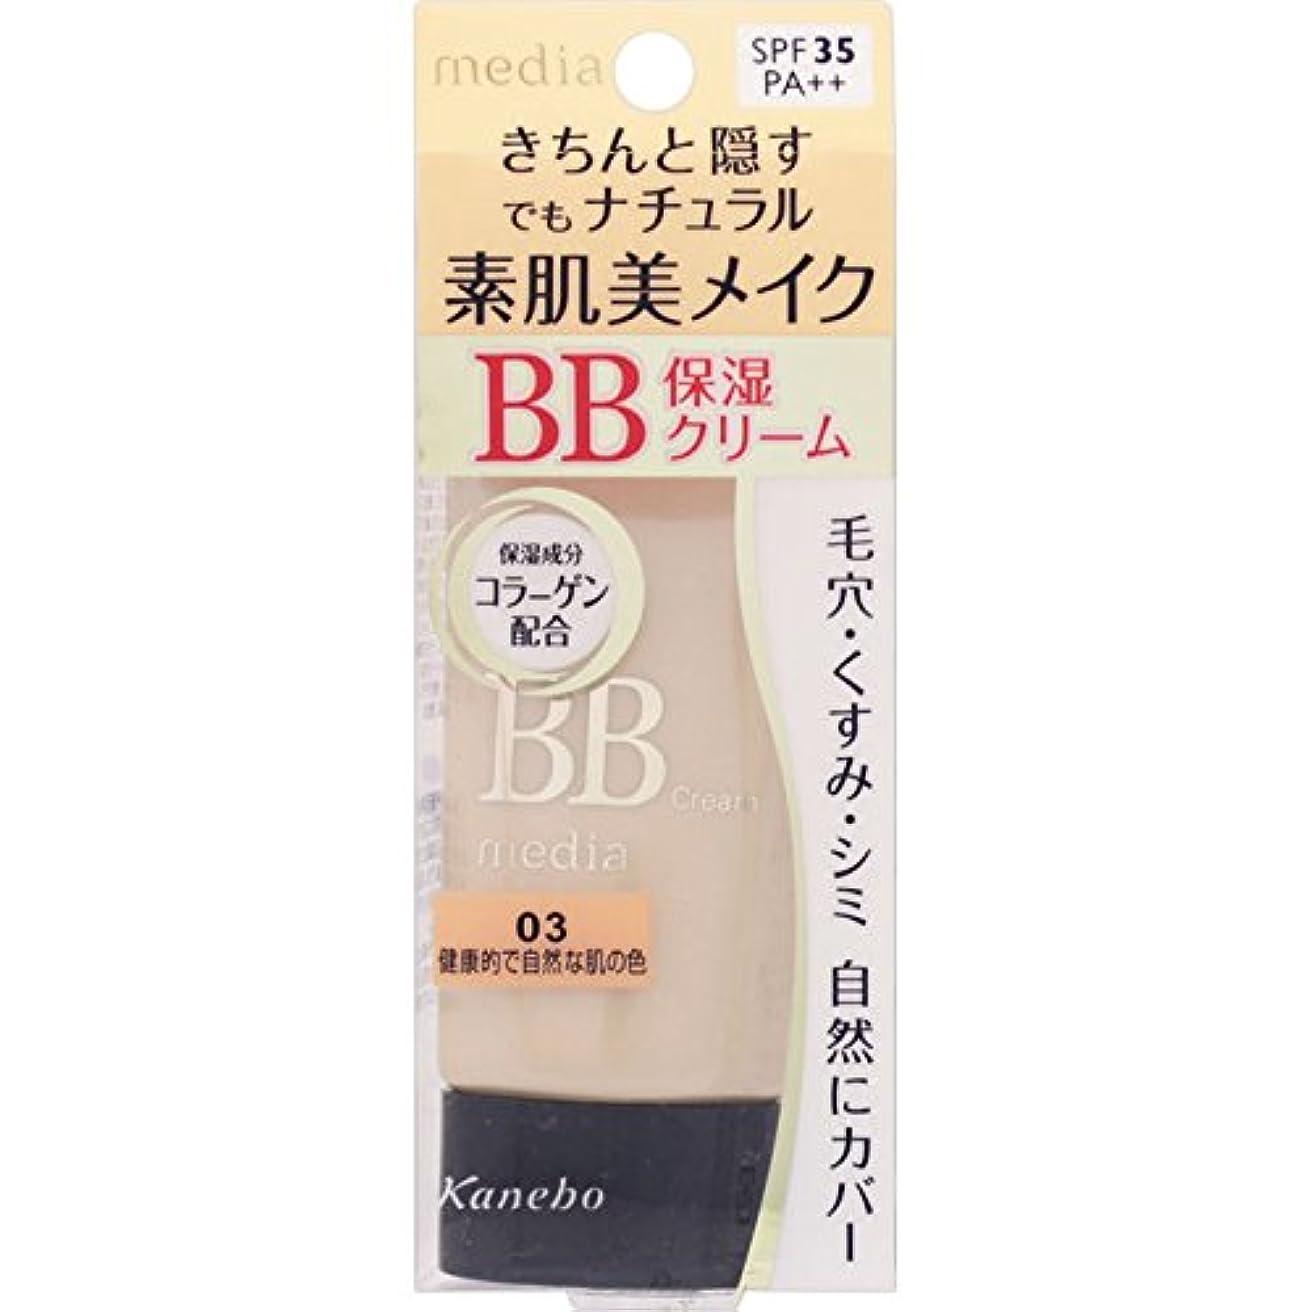 適応する選ぶ吸収剤カネボウ メディア BBクリームN 03 SPF35?PA++